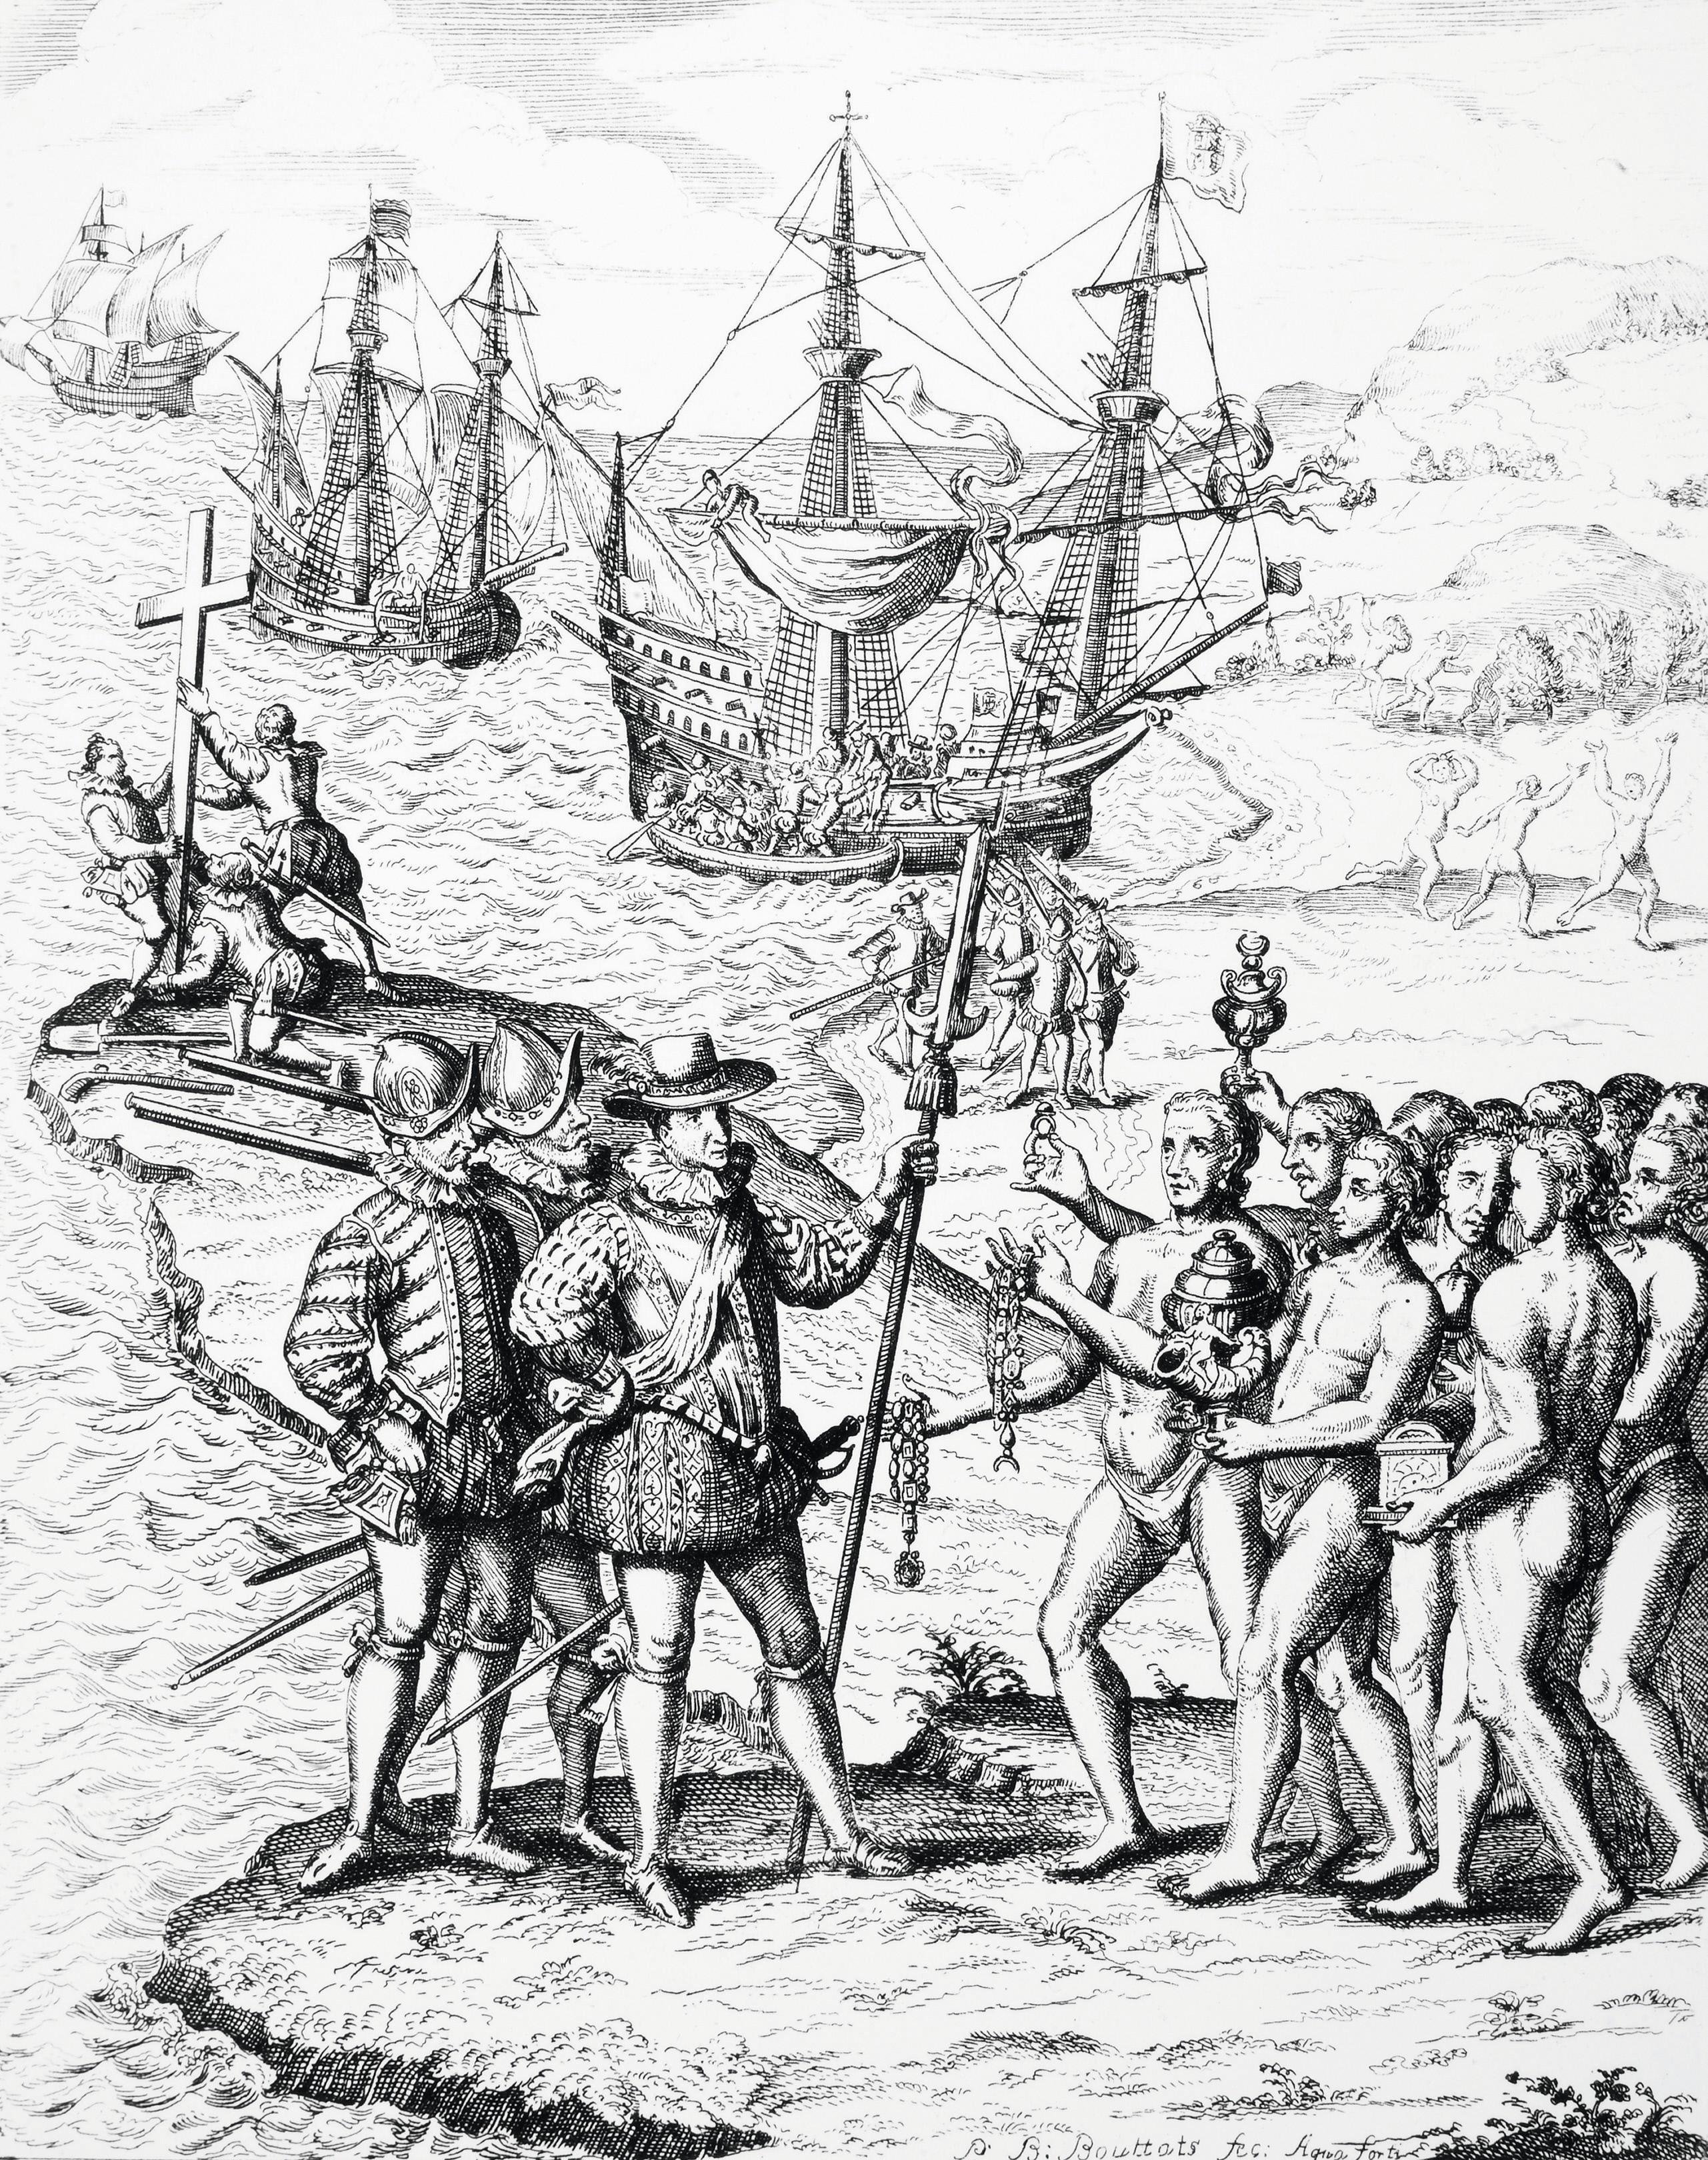 Colón desembarcando en la isla de La Hispaniola, y respondes a esta persona. 1492, grabado español, 1728.